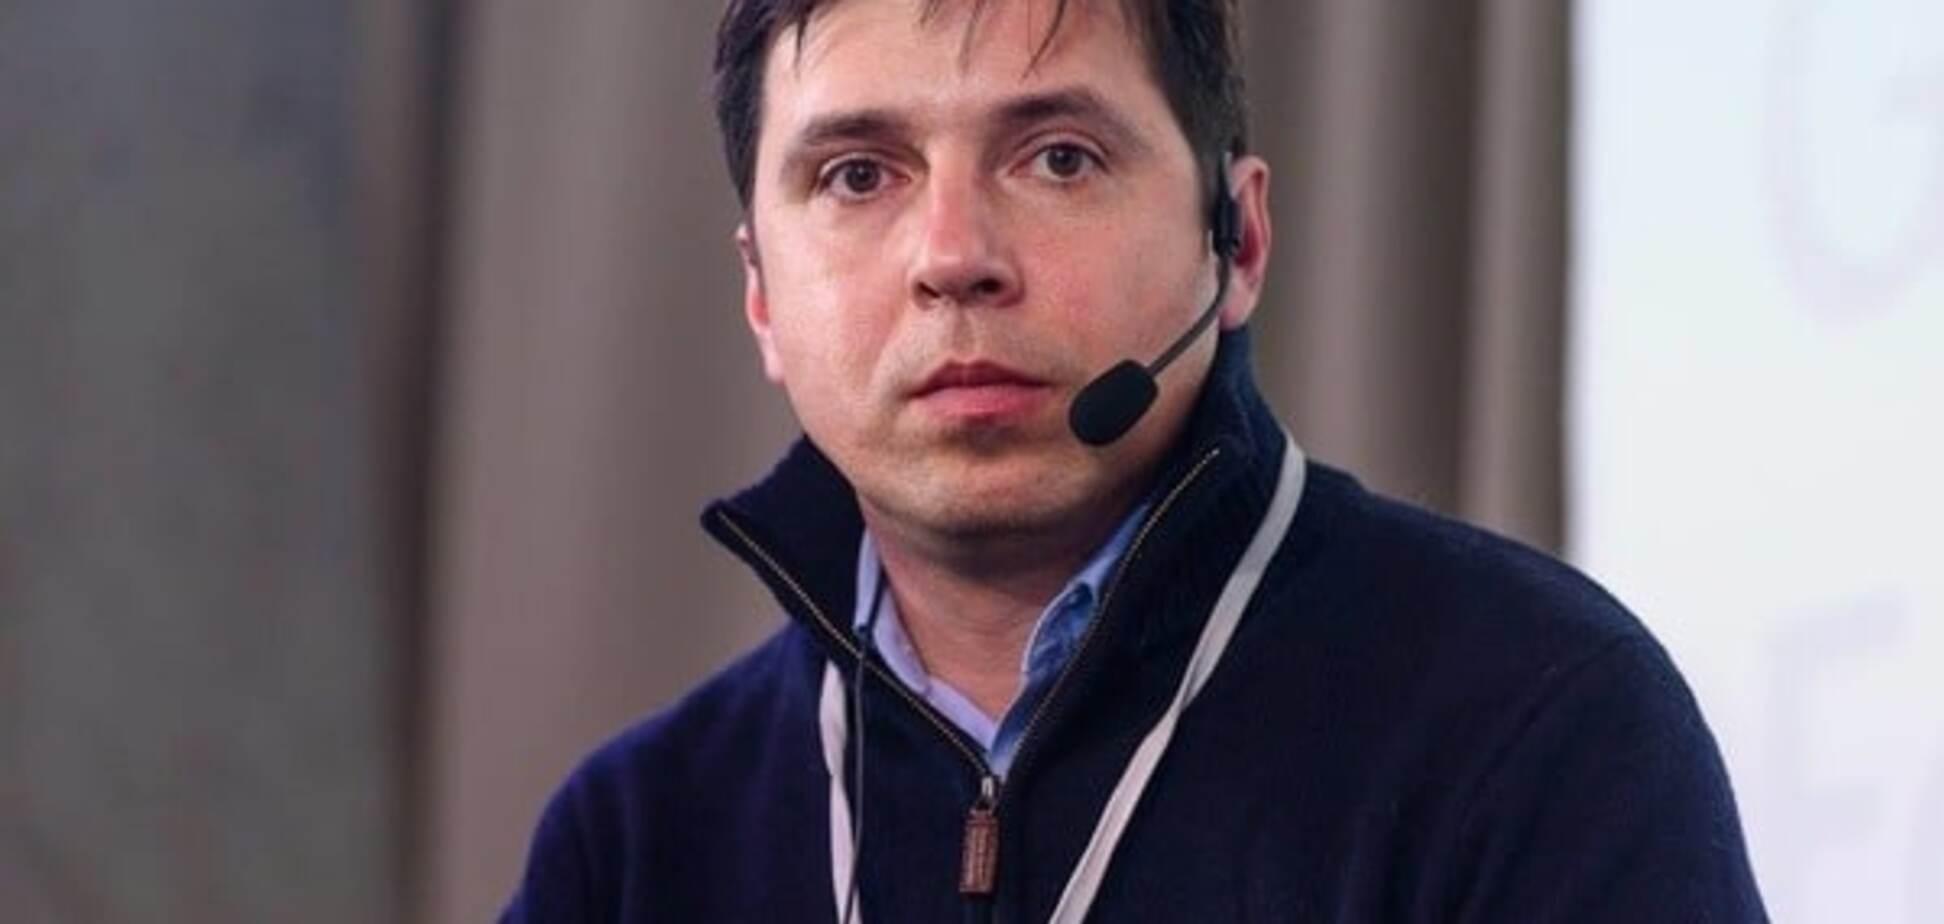 Владимир Федорин: либо радикализируется власть, либо к власти придут радикалы